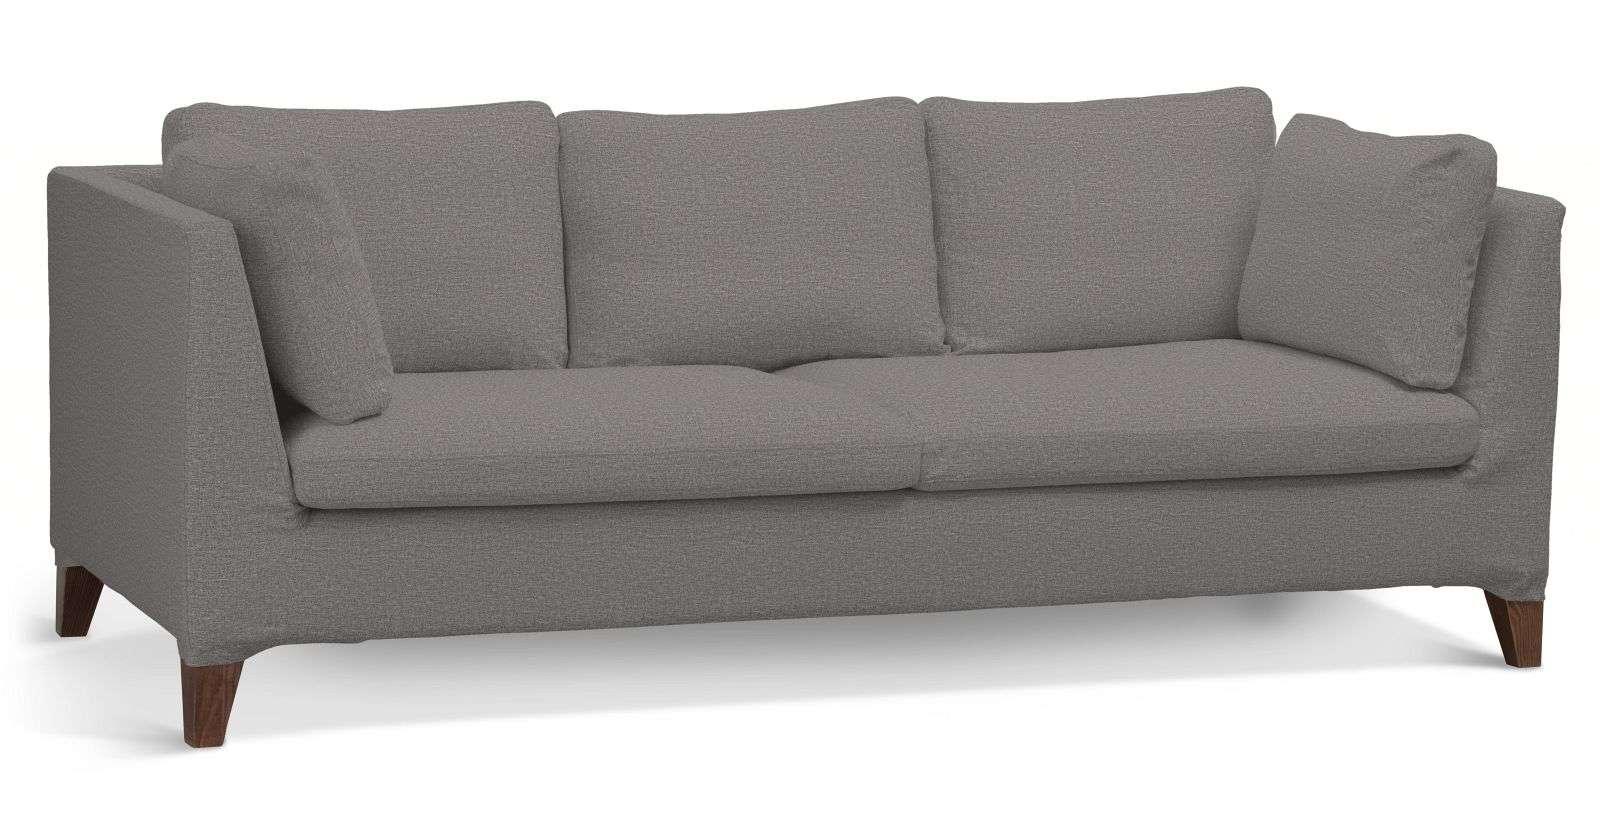 Pokrowiec na sofę Stockholm 3-osobową sofa Stockholm 3-osobowa w kolekcji Edinburgh, tkanina: 115-81